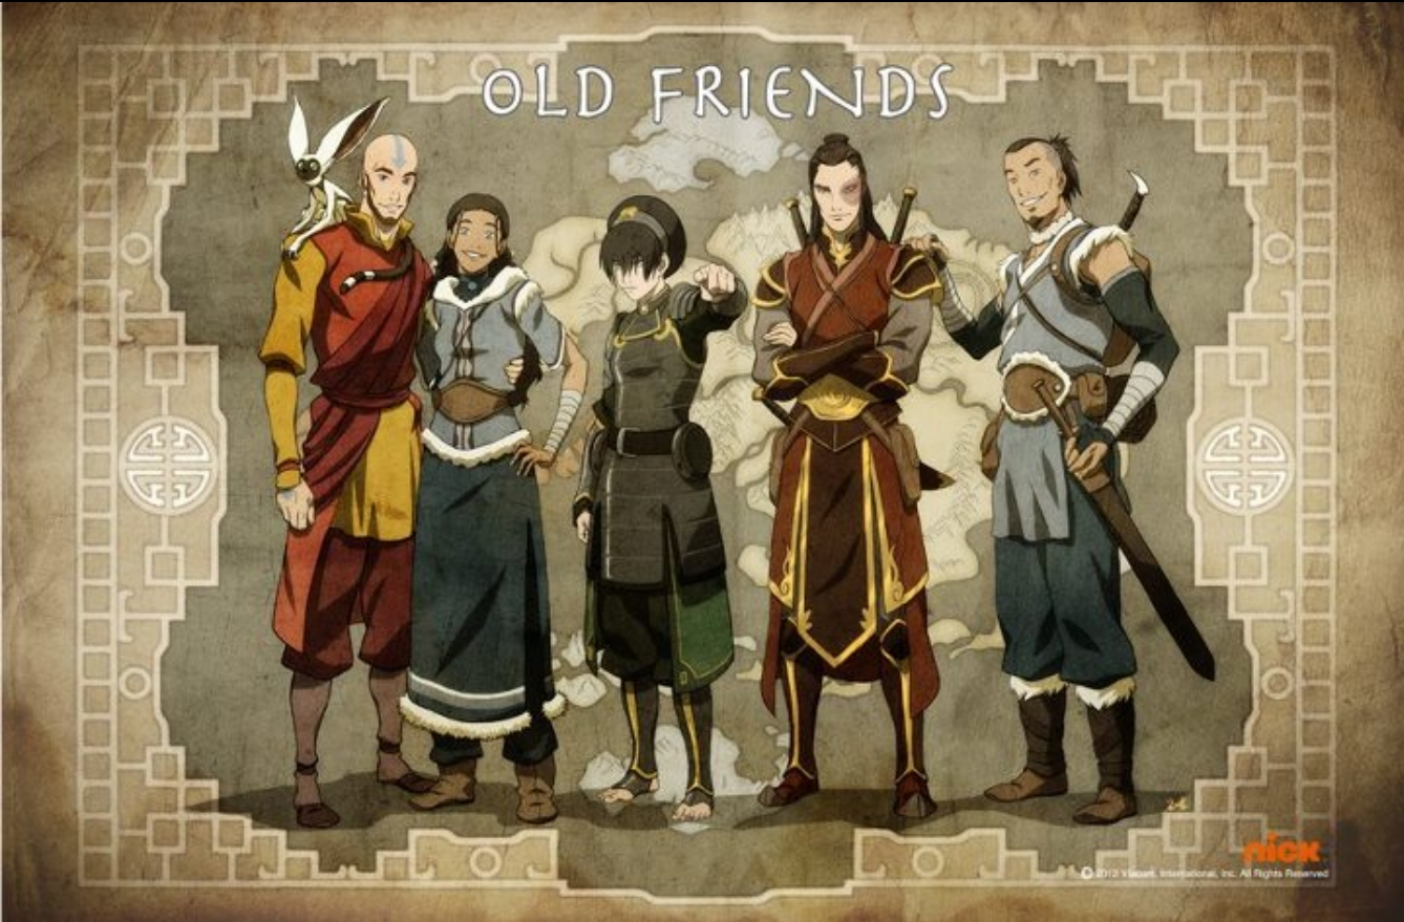 Avatar The Legend Of Korra Characters Wallpaper HD   HD Wallpaperia 1404x922